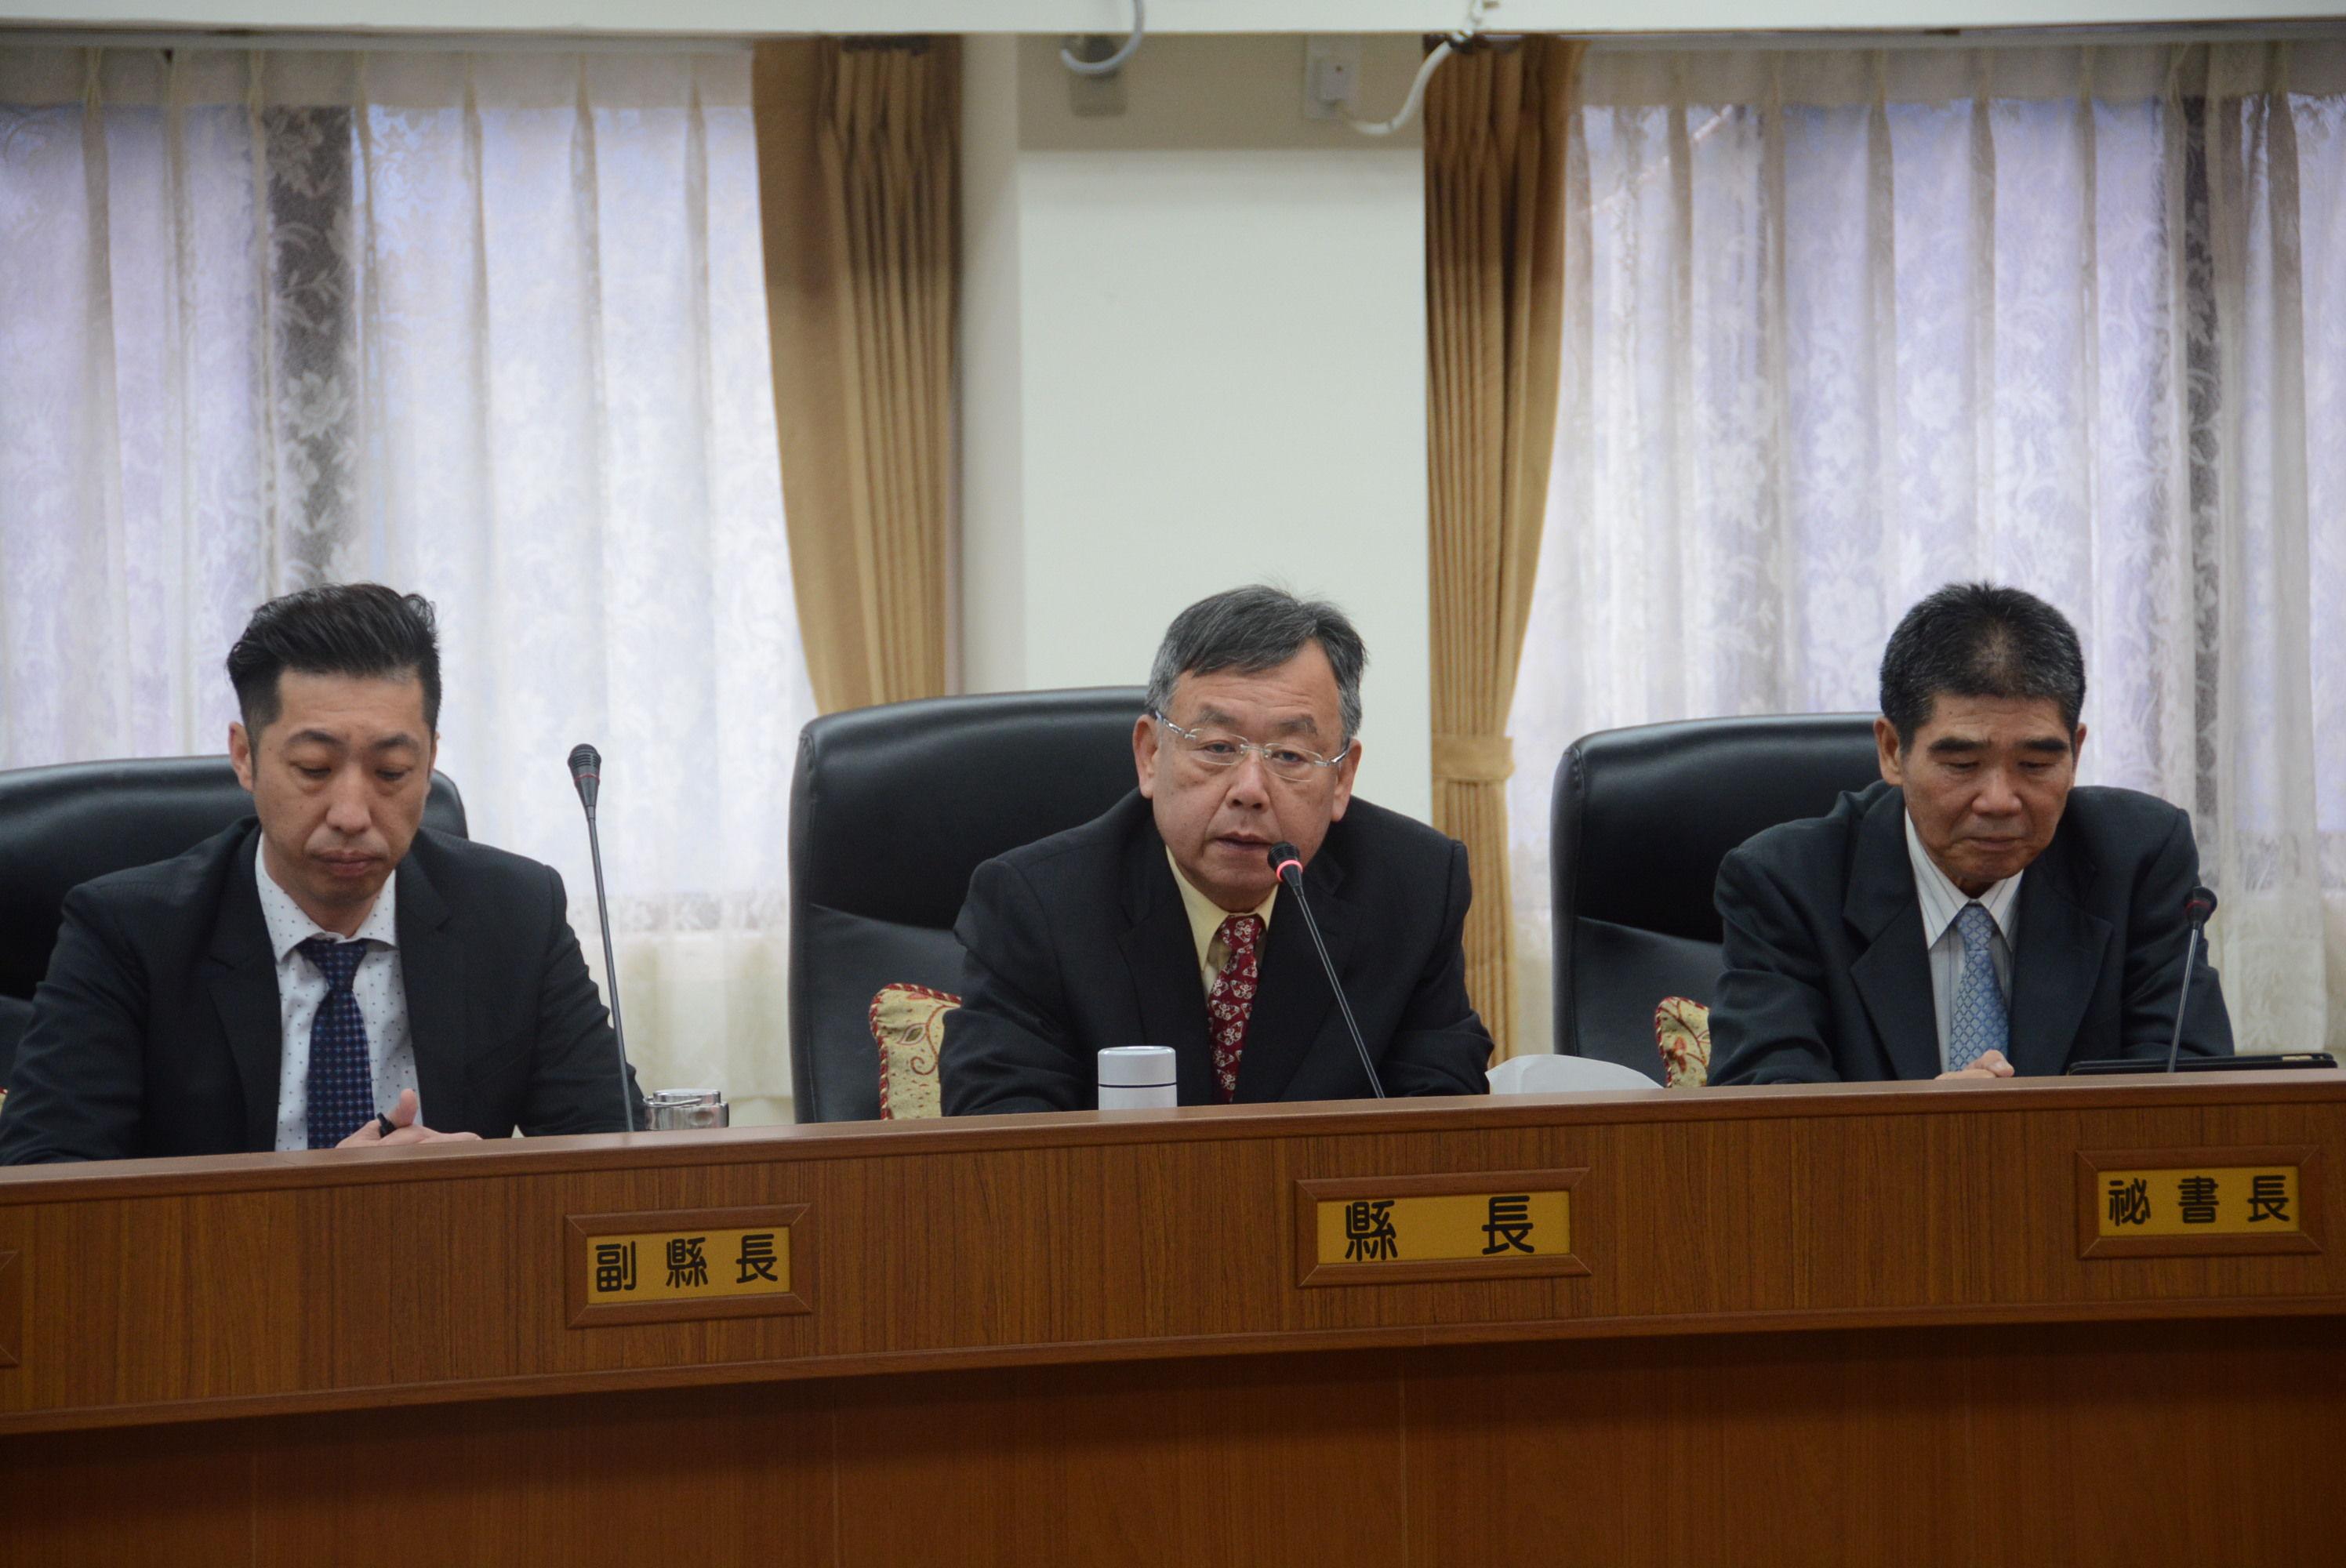 賴峰偉主持第901次縣務會議